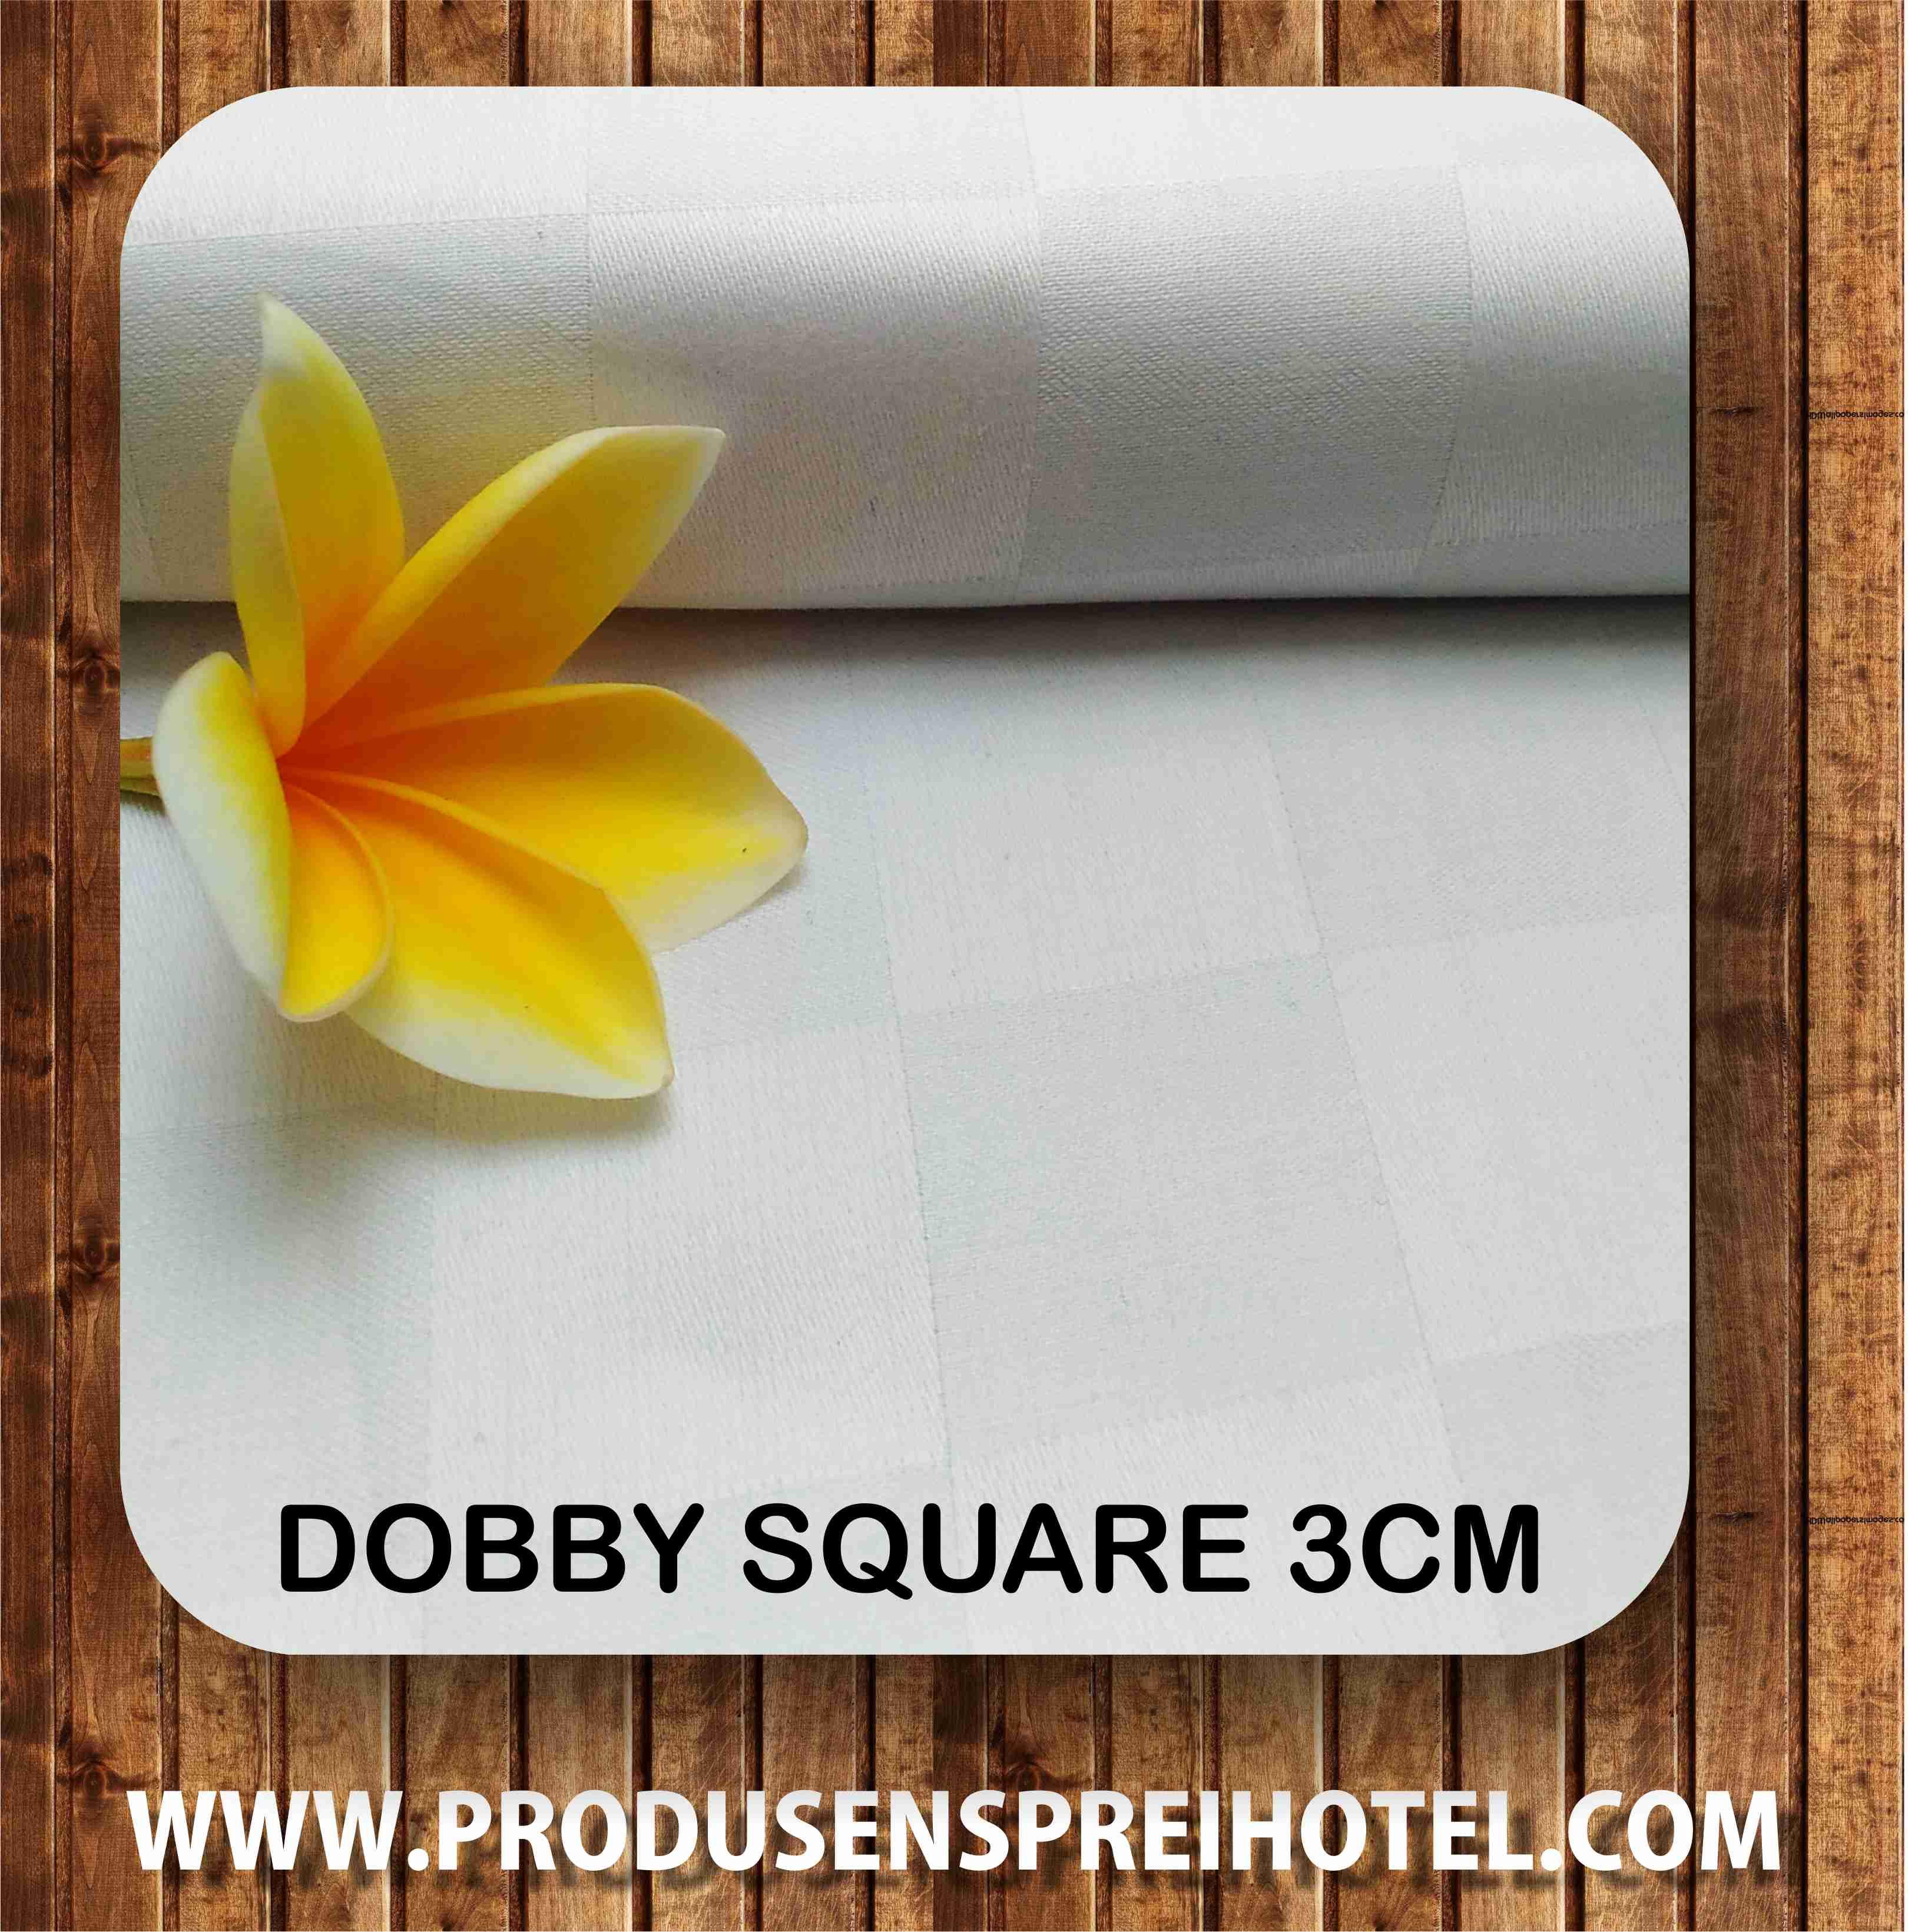 DOBBY SQUARE 3CM